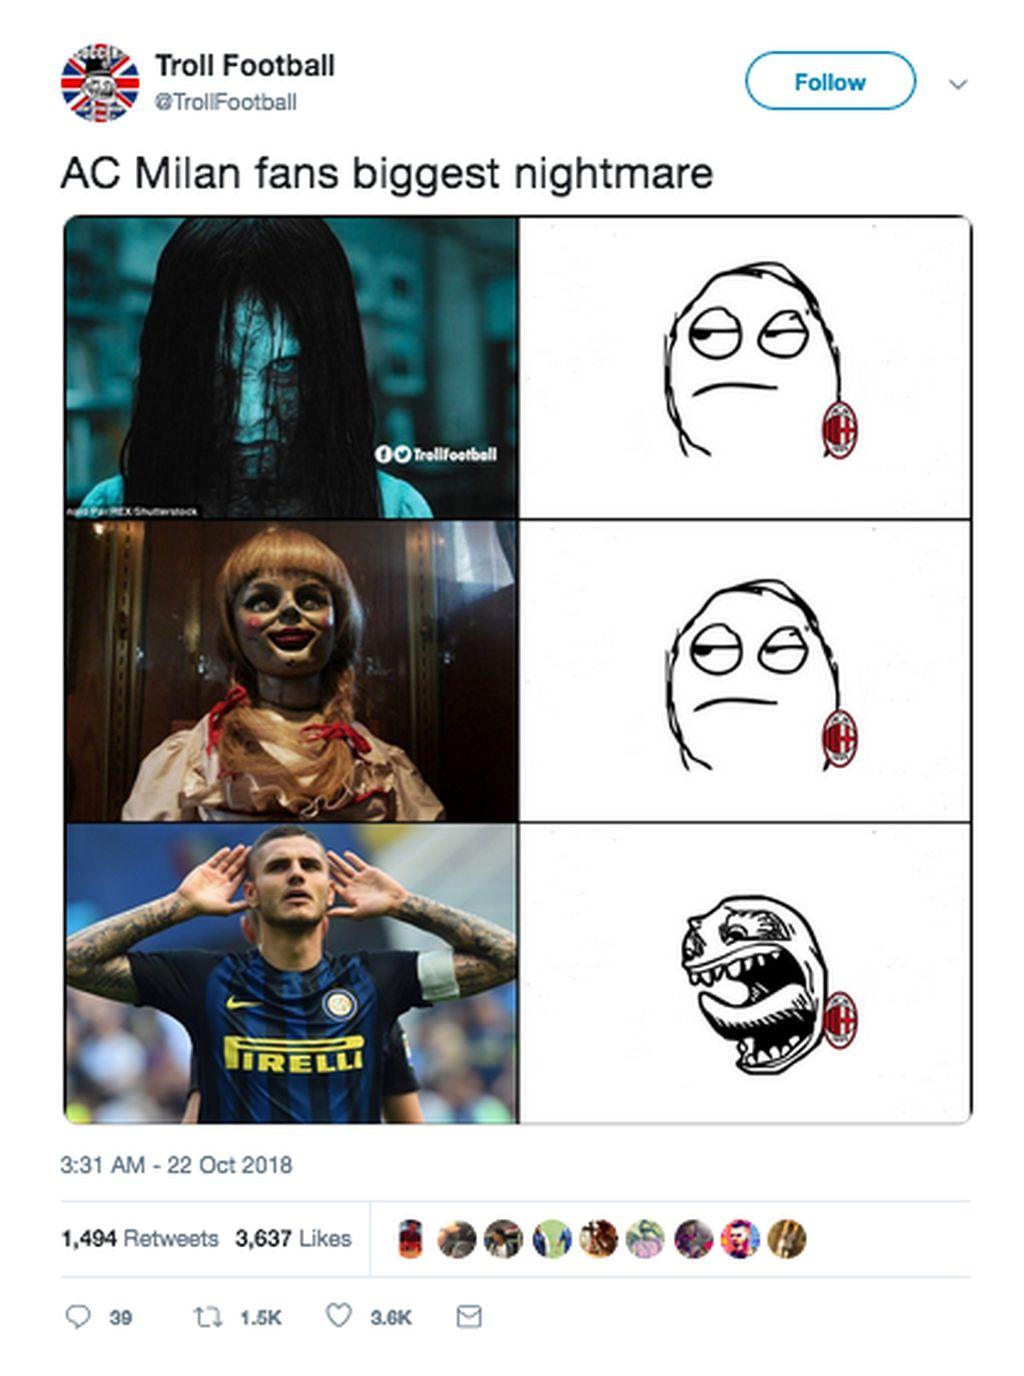 Inter Milan mengalahkan AC Milan berkat gol Mauro Icardi di menit-menit akhir. Icardi jadi momok untuk Rossoneri usai menjebol gawang Donnarumma. (Foto: Internet/Twitter)